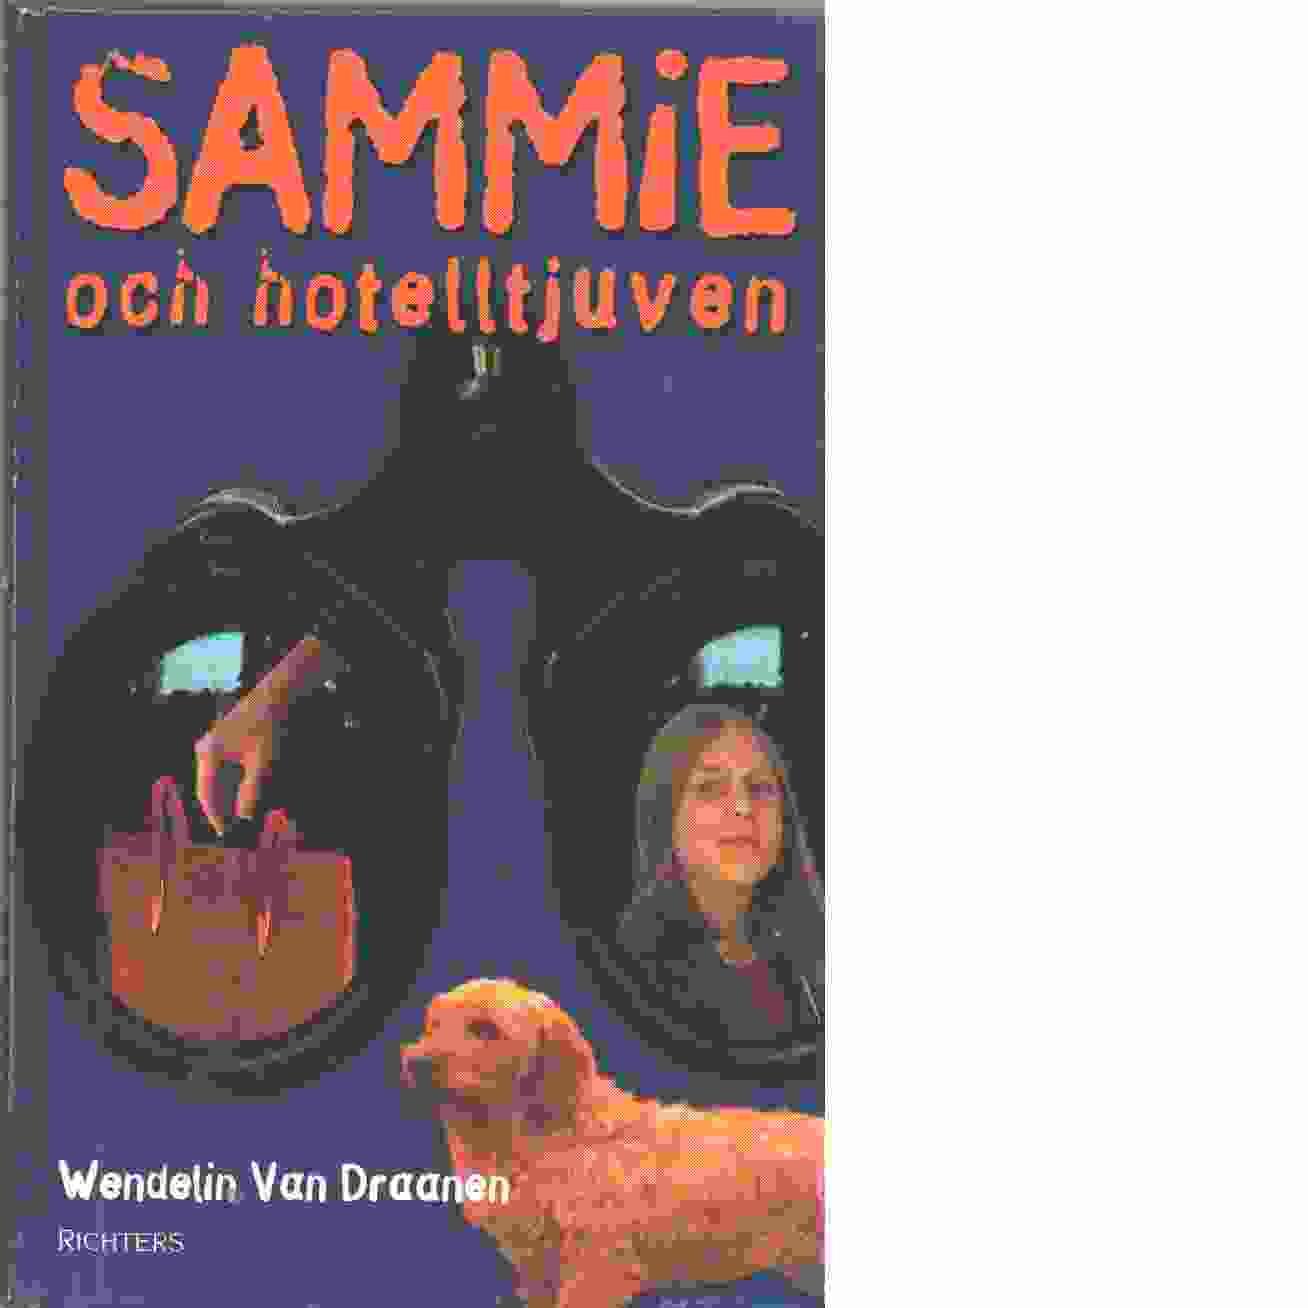 Sammie och hotelltjuven  - Van Draanen, Wendelin